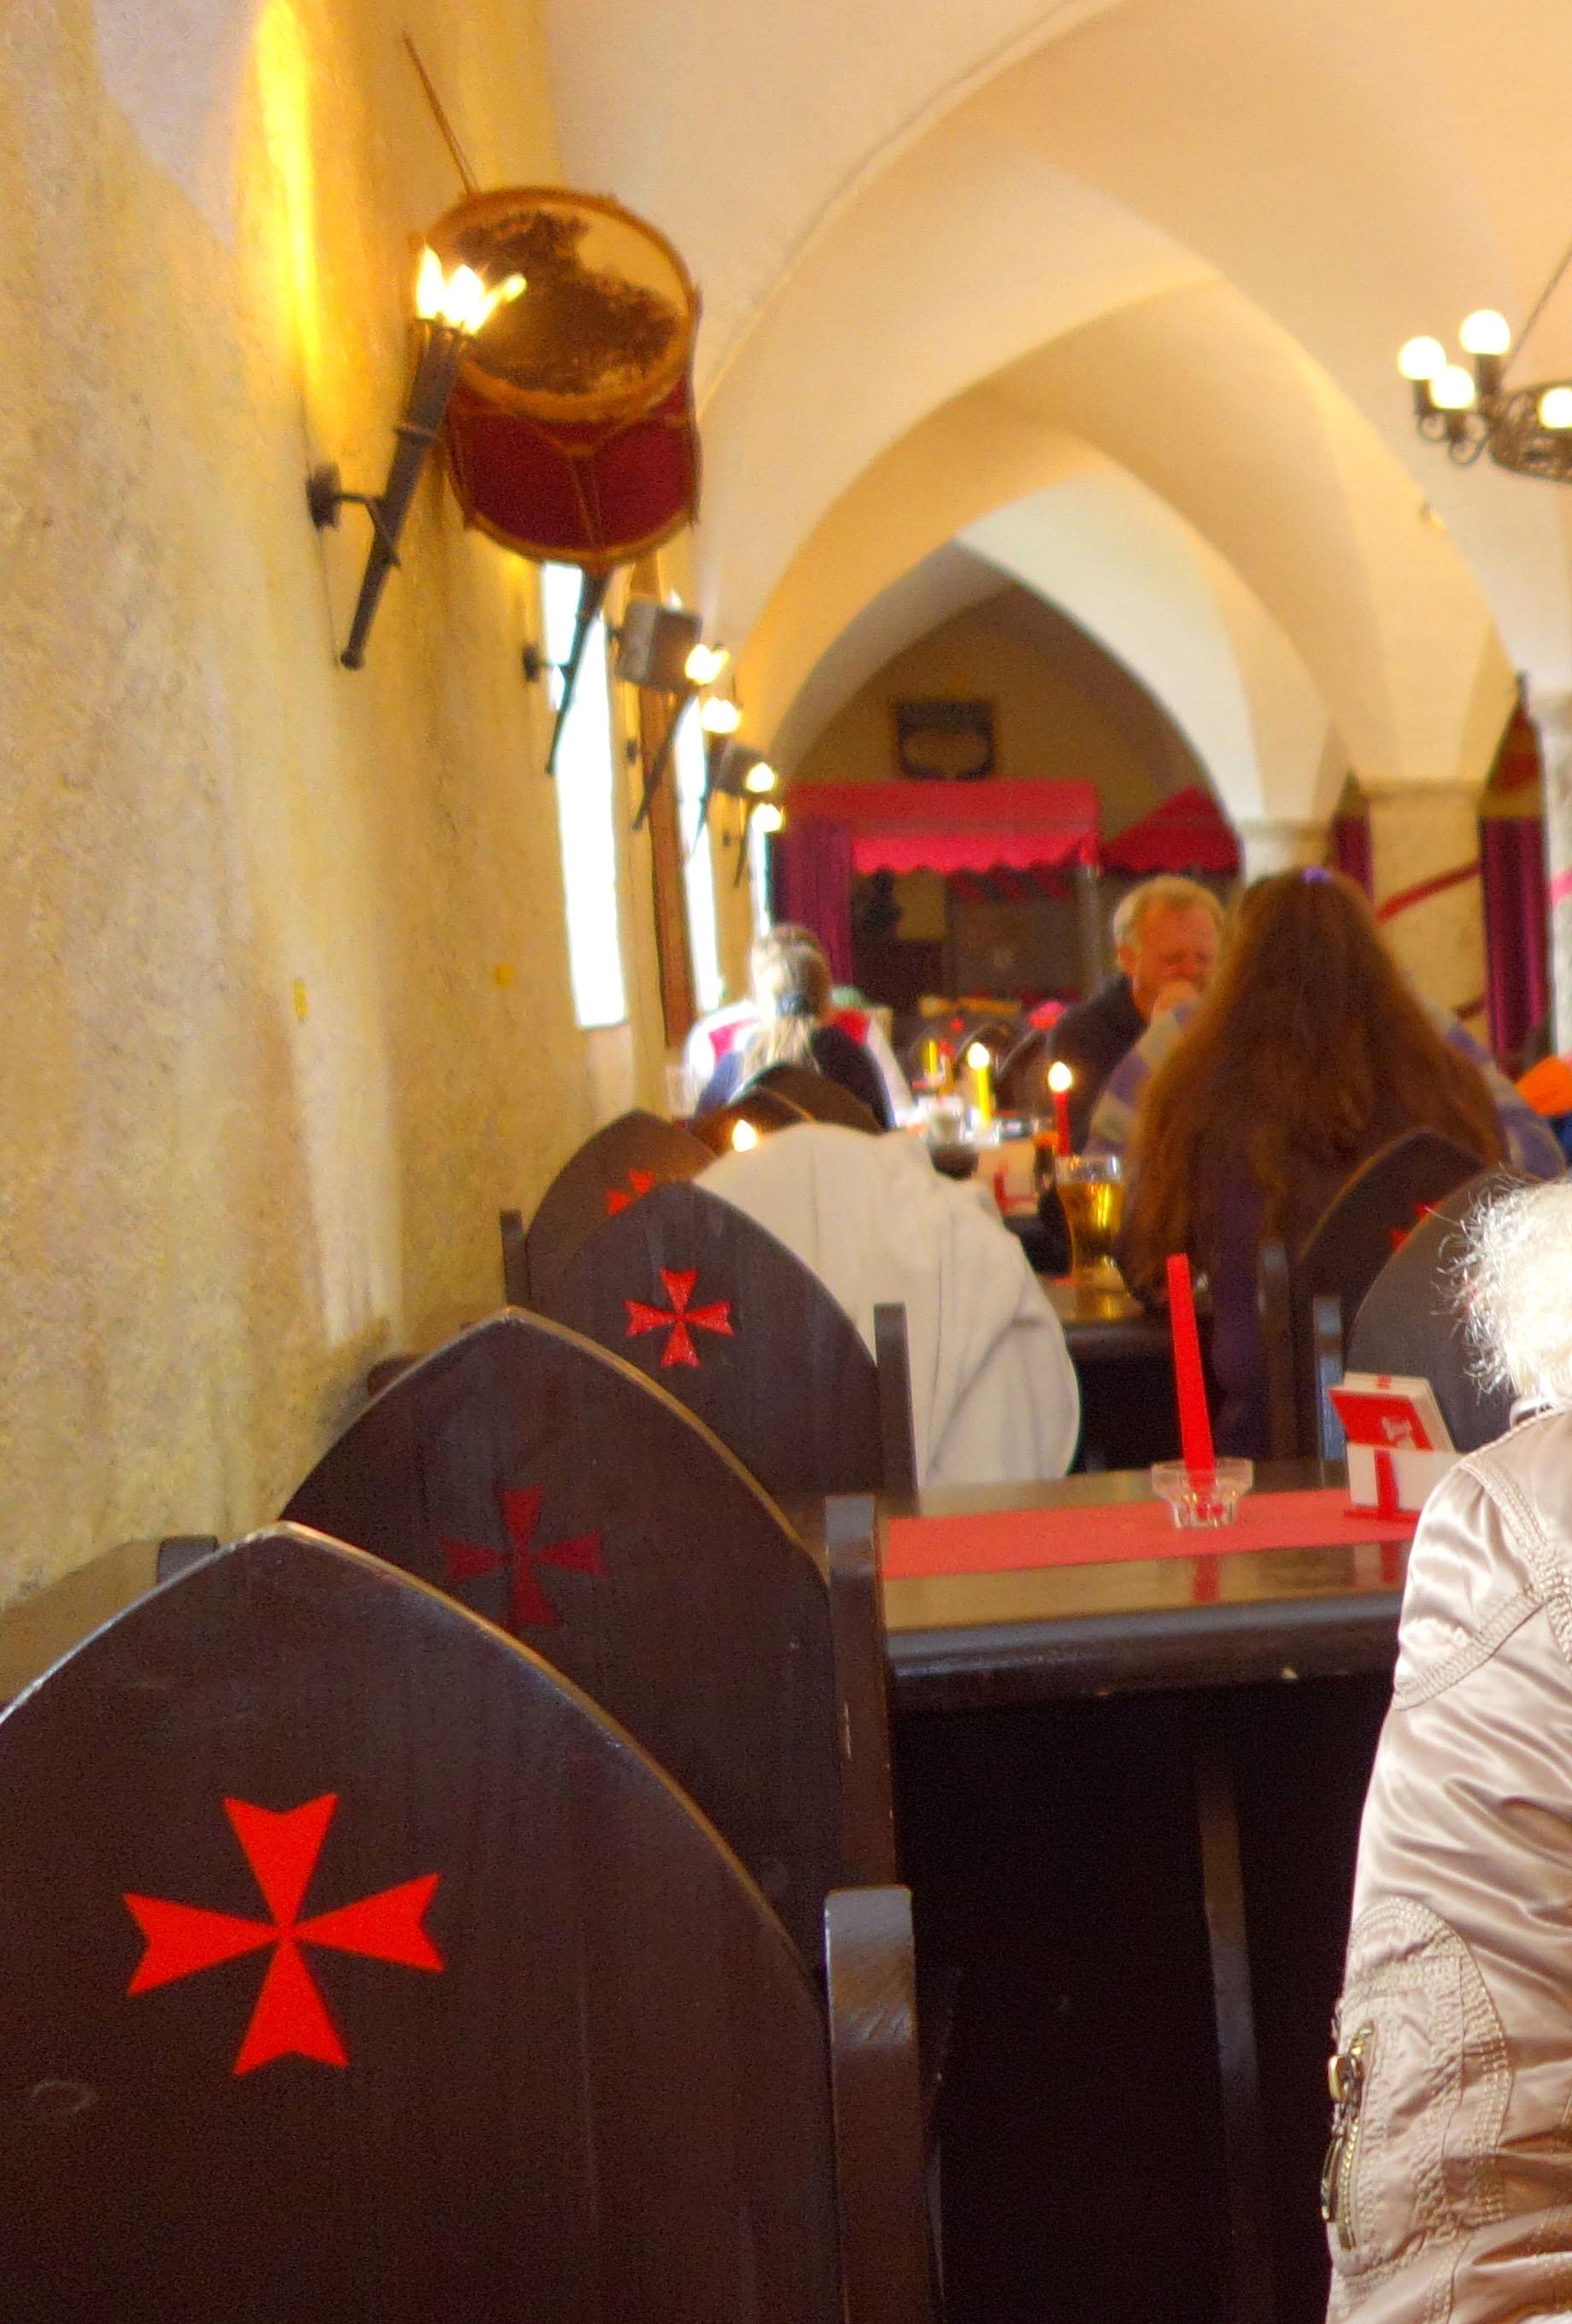 Кафе в рыцарском стиле в крепости Хоэнзальцбург